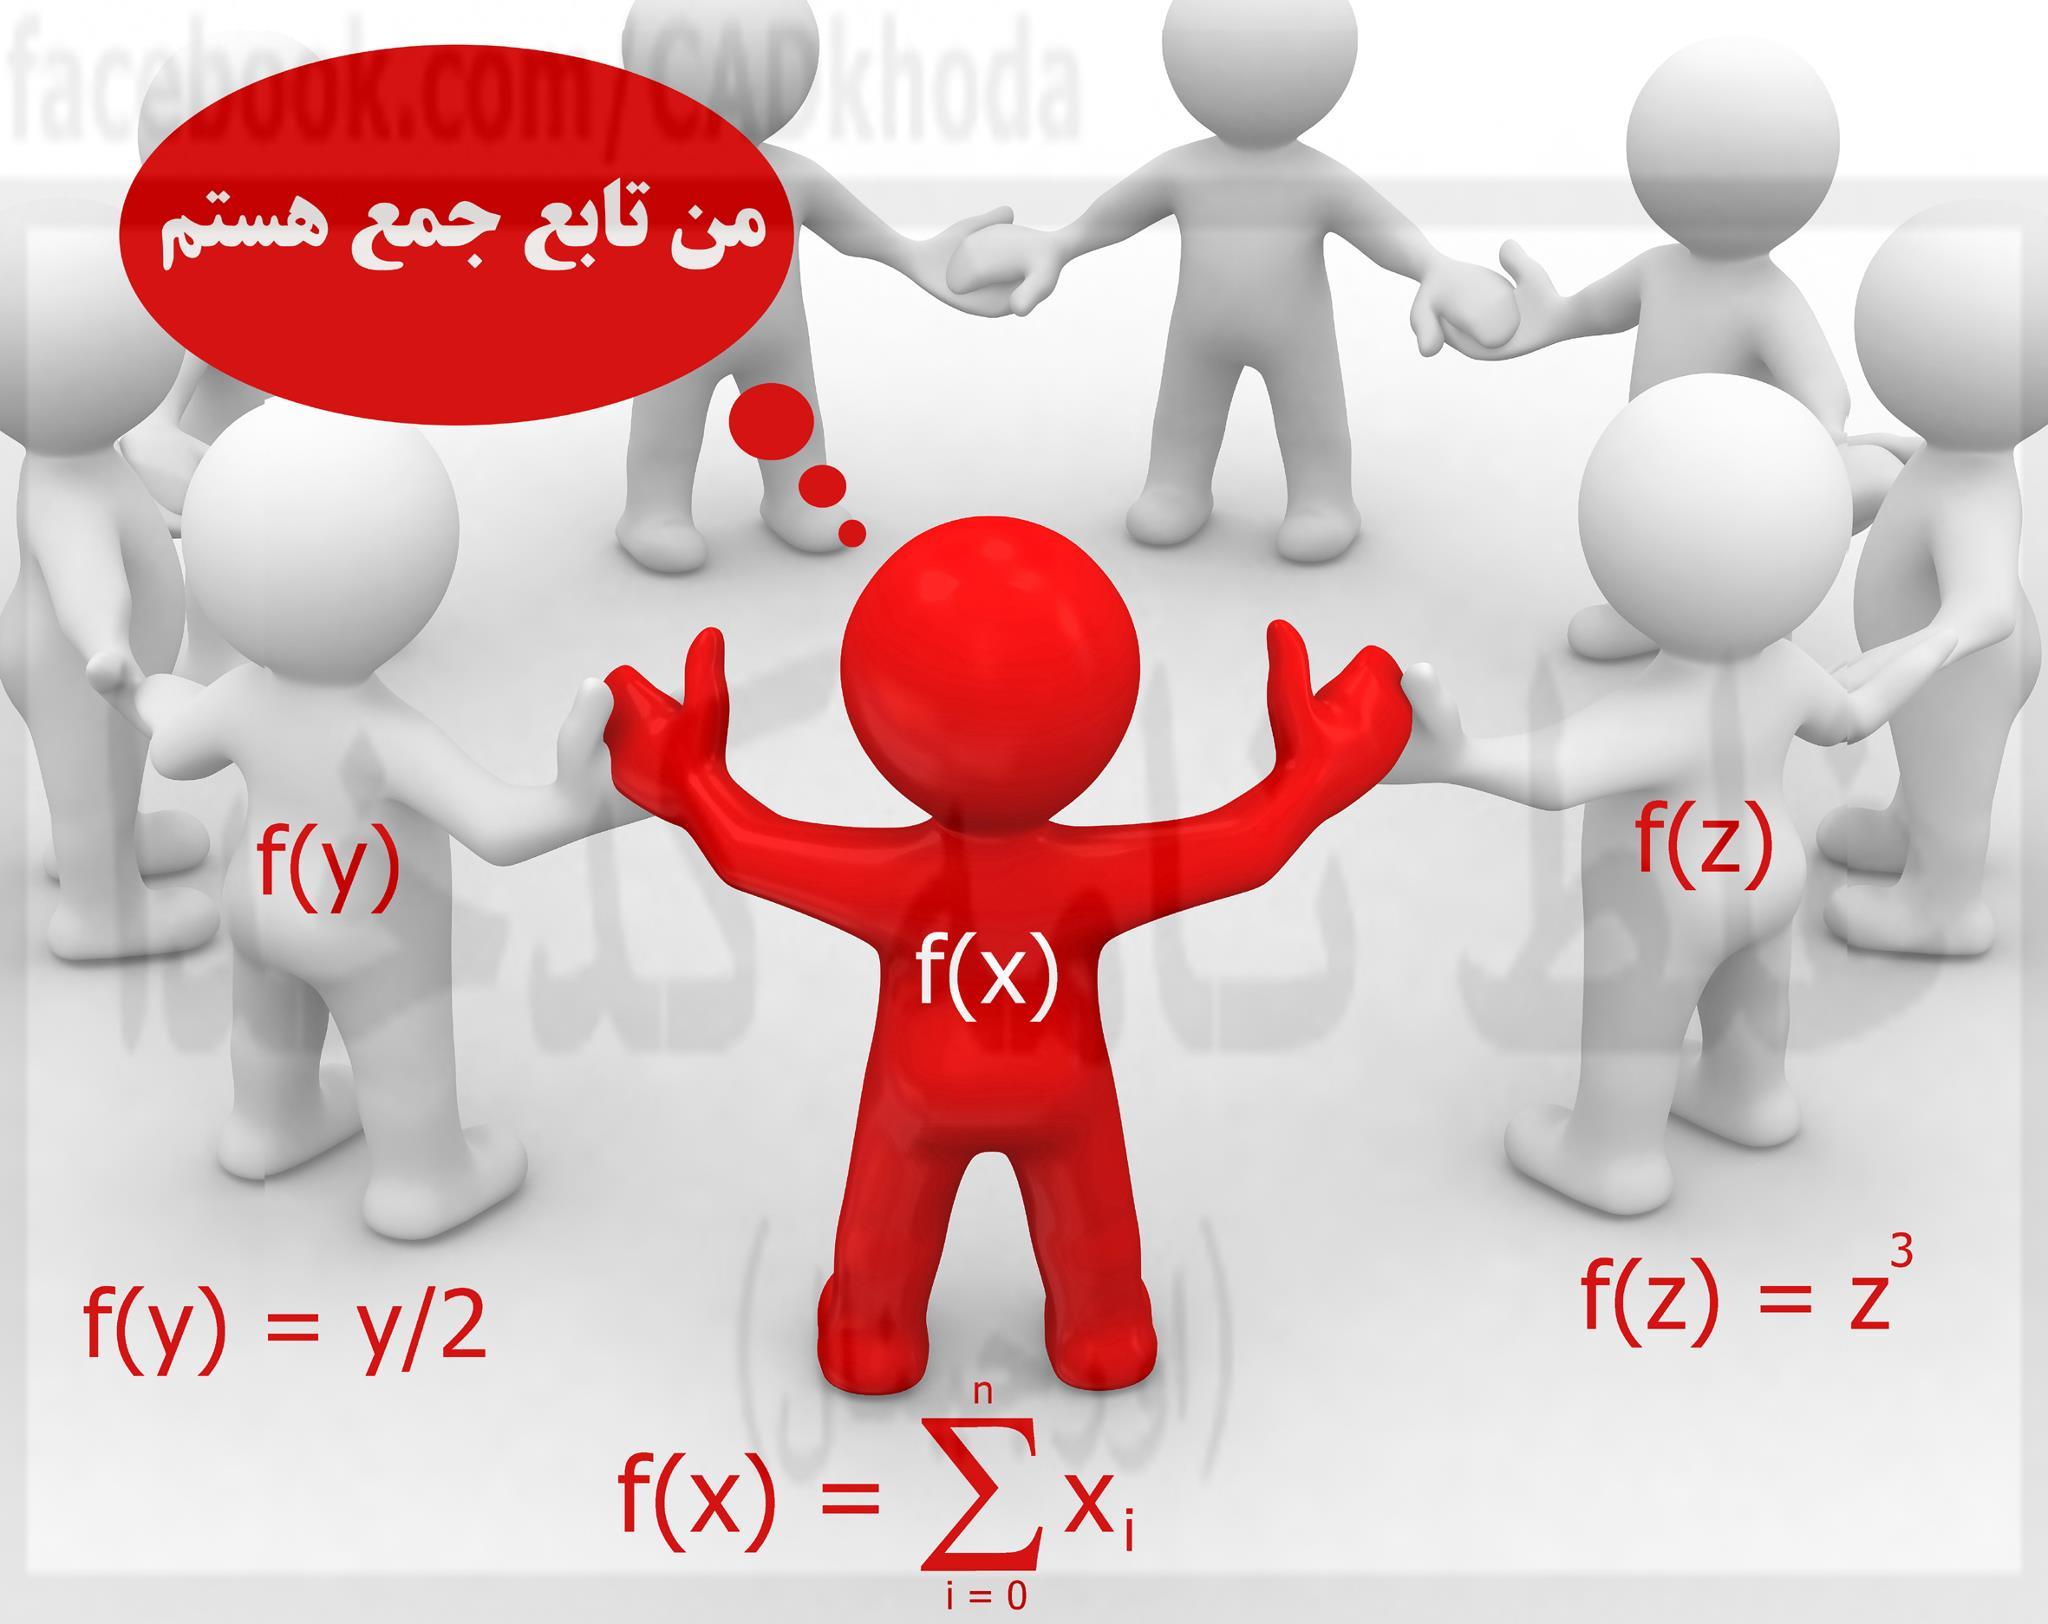 http://s2.picofile.com/file/7726542040/844013_10151288476173458_1451386325_o.jpg